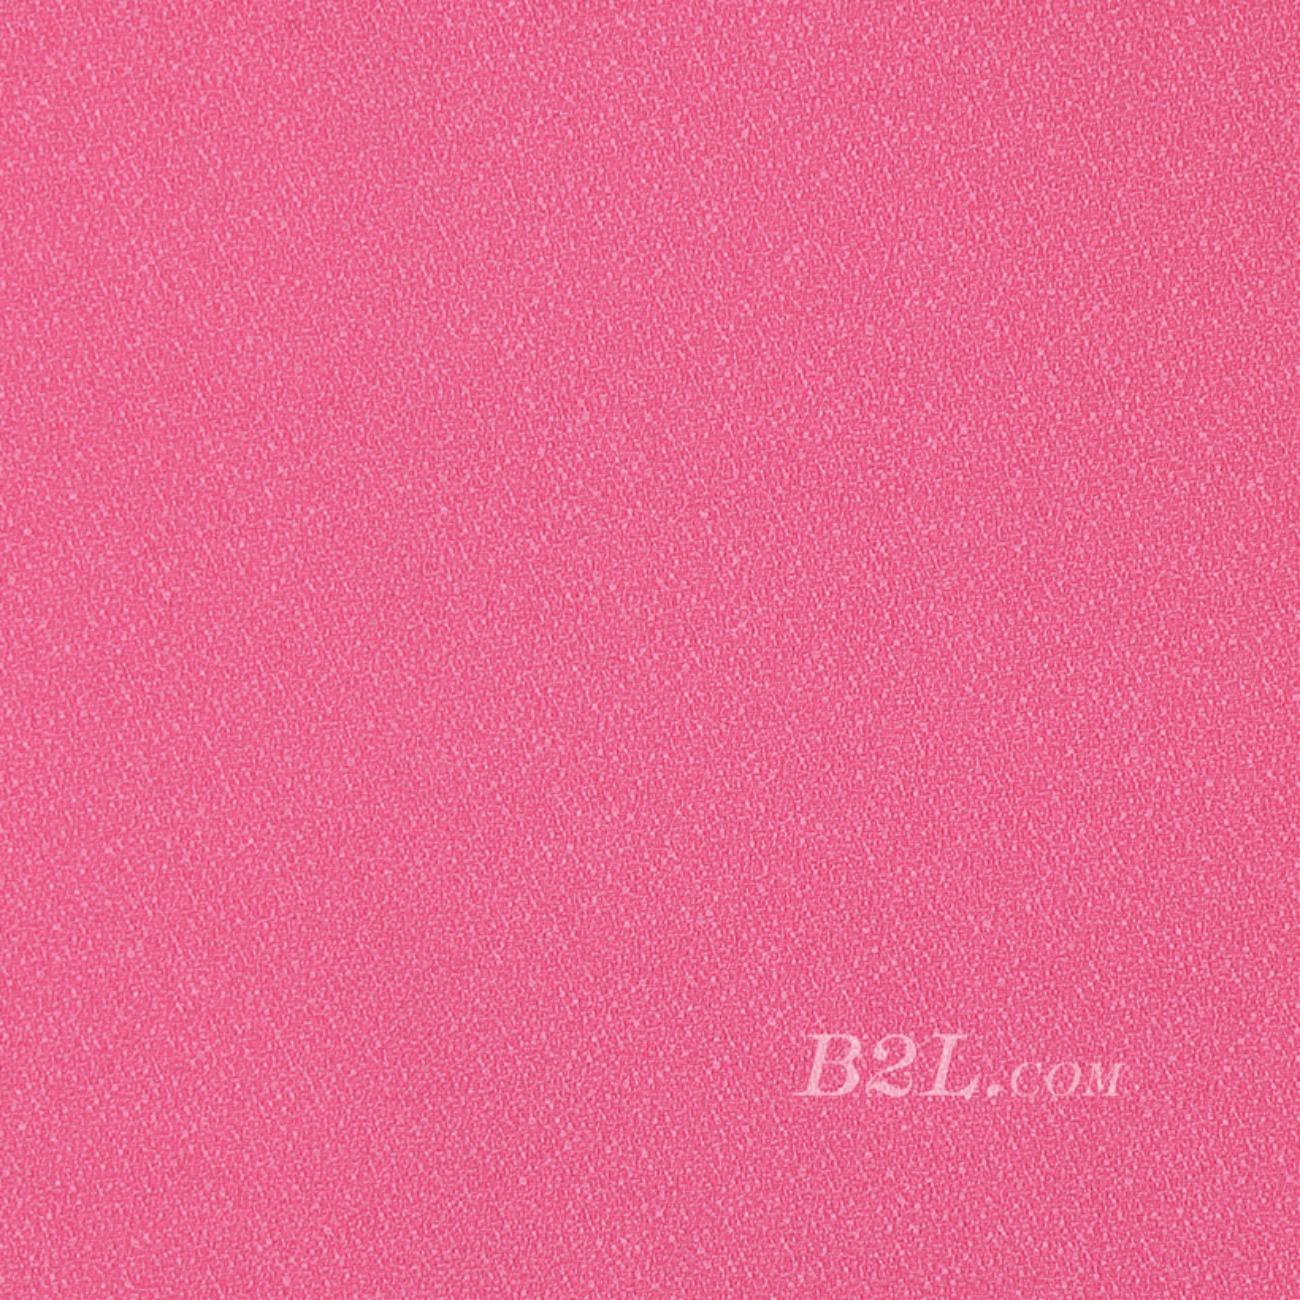 斜纹梭织素色染色连衣裙 短裙 衬衫 高弹 春 秋 柔软 70823-19